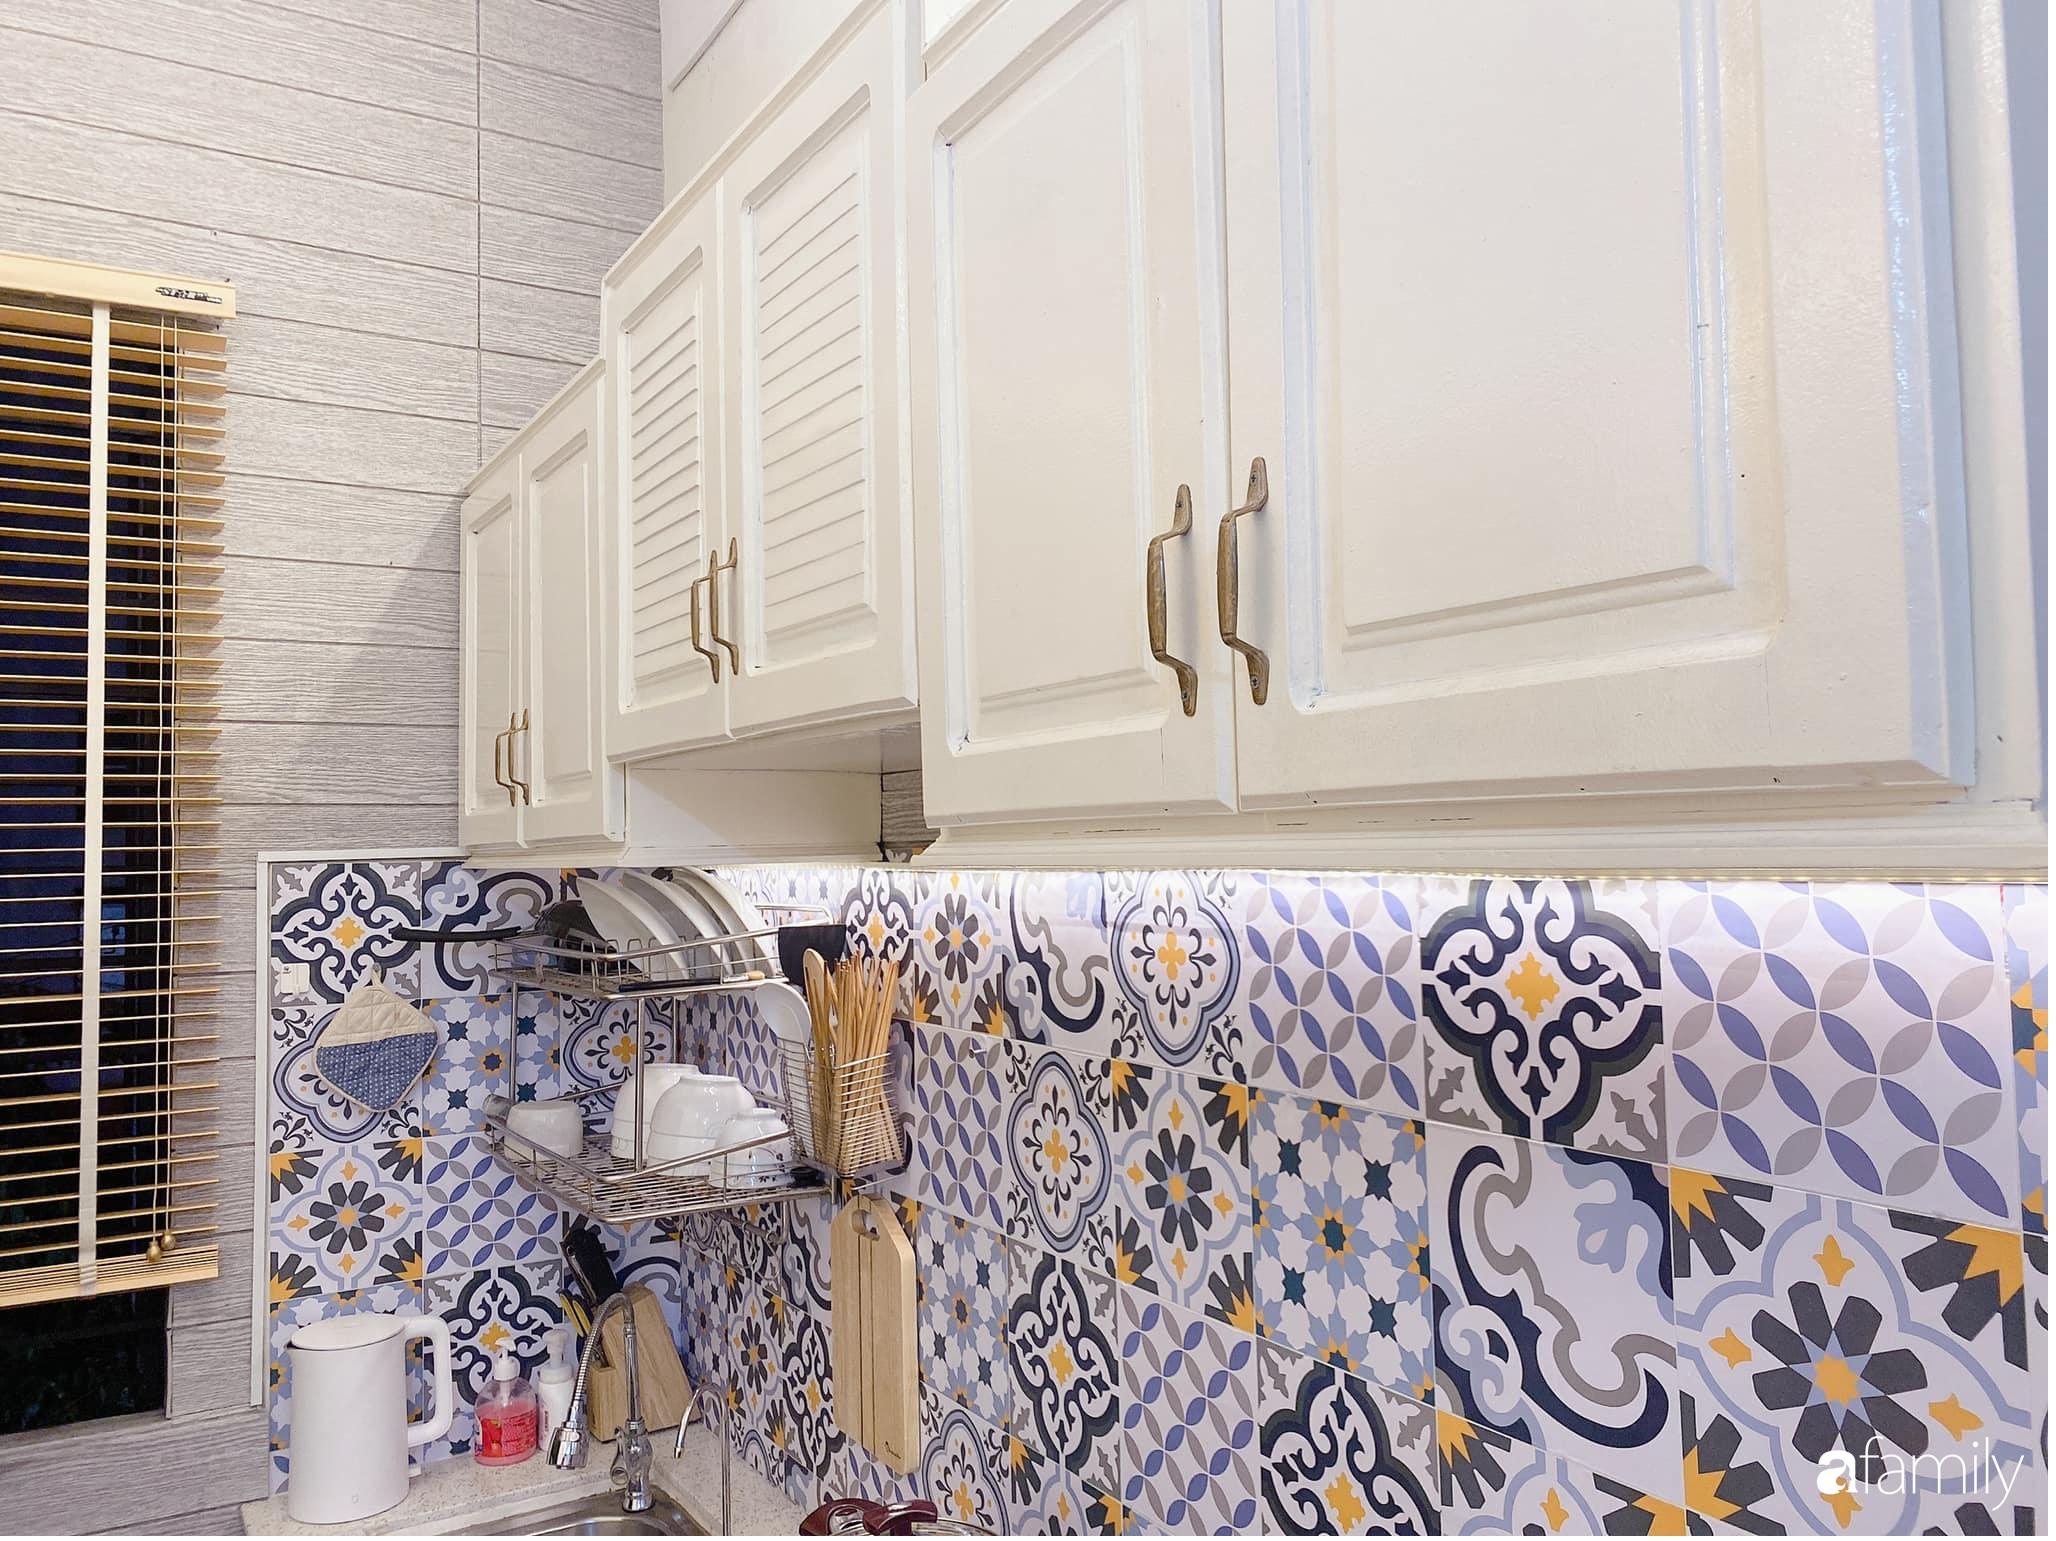 """Anh chồng chiều vợ """"thay áo mới"""" cho căn bếp cũ 6m² trở thành không gian đẹp miễn chê với chi phí chưa đến 3 triệu đồng ở Đà Nẵng - Ảnh 11."""